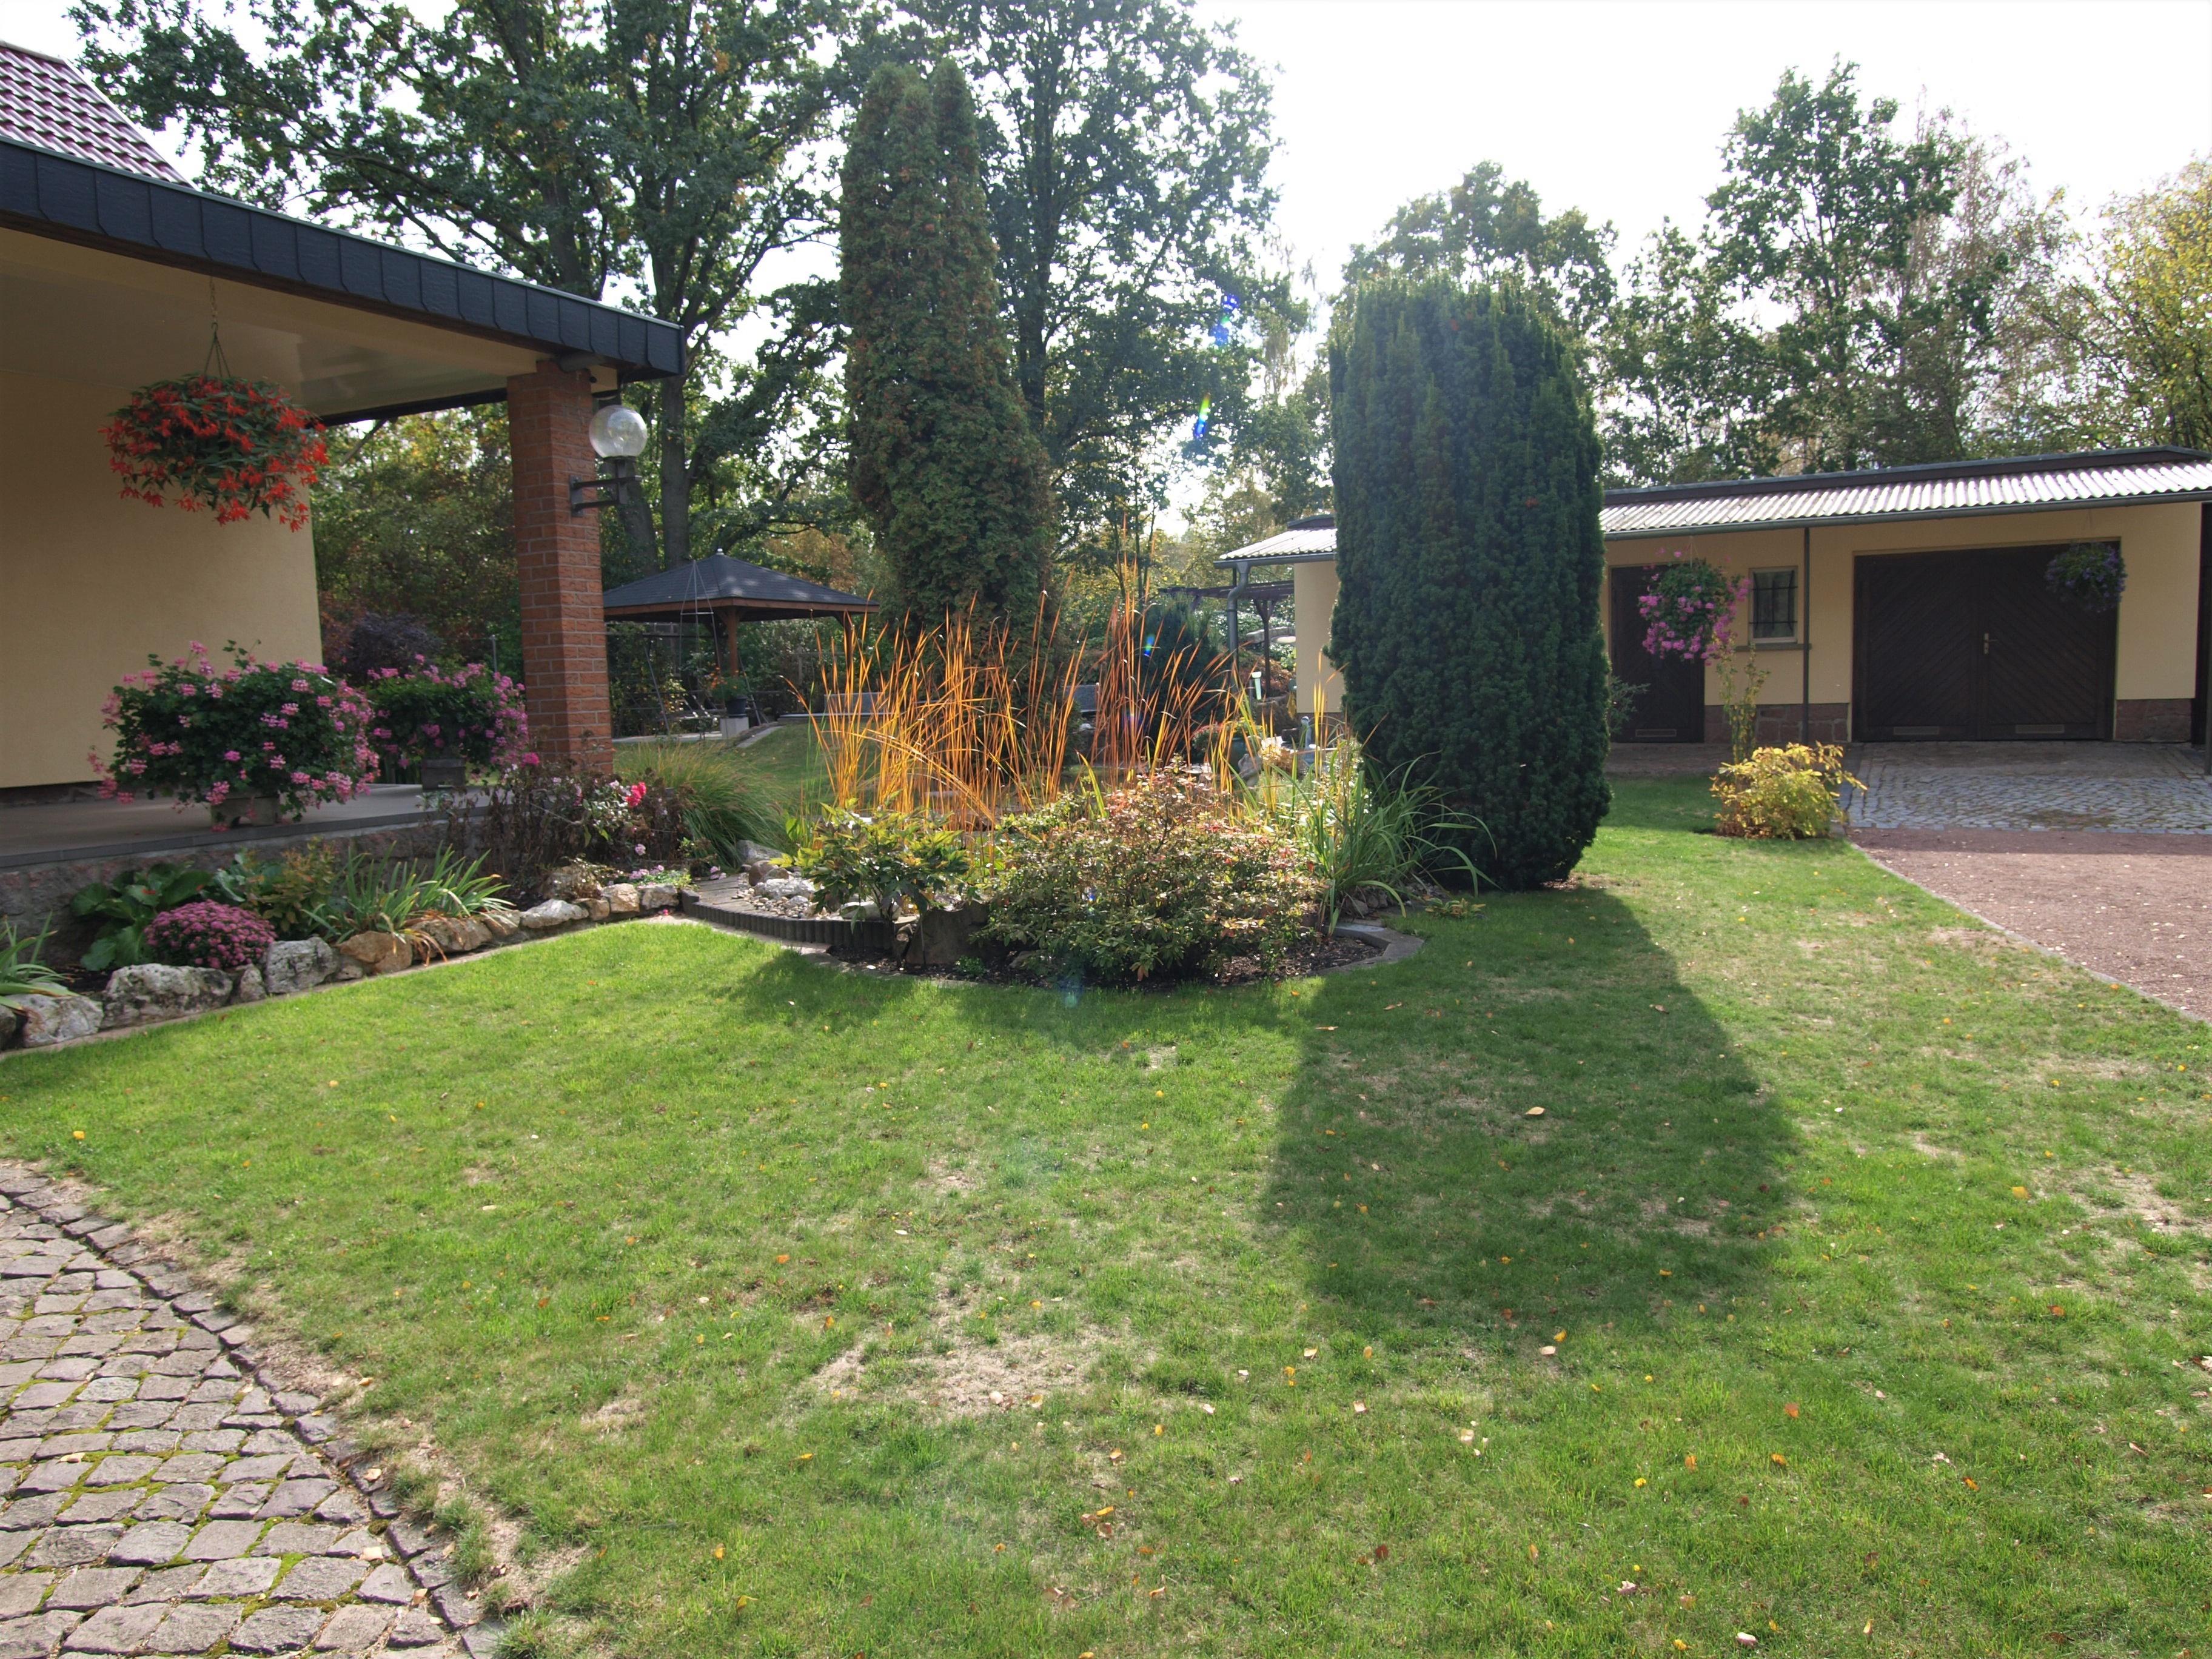 Einfamilienhaus Kröllwitz - Blick zum Haus und zur Garage